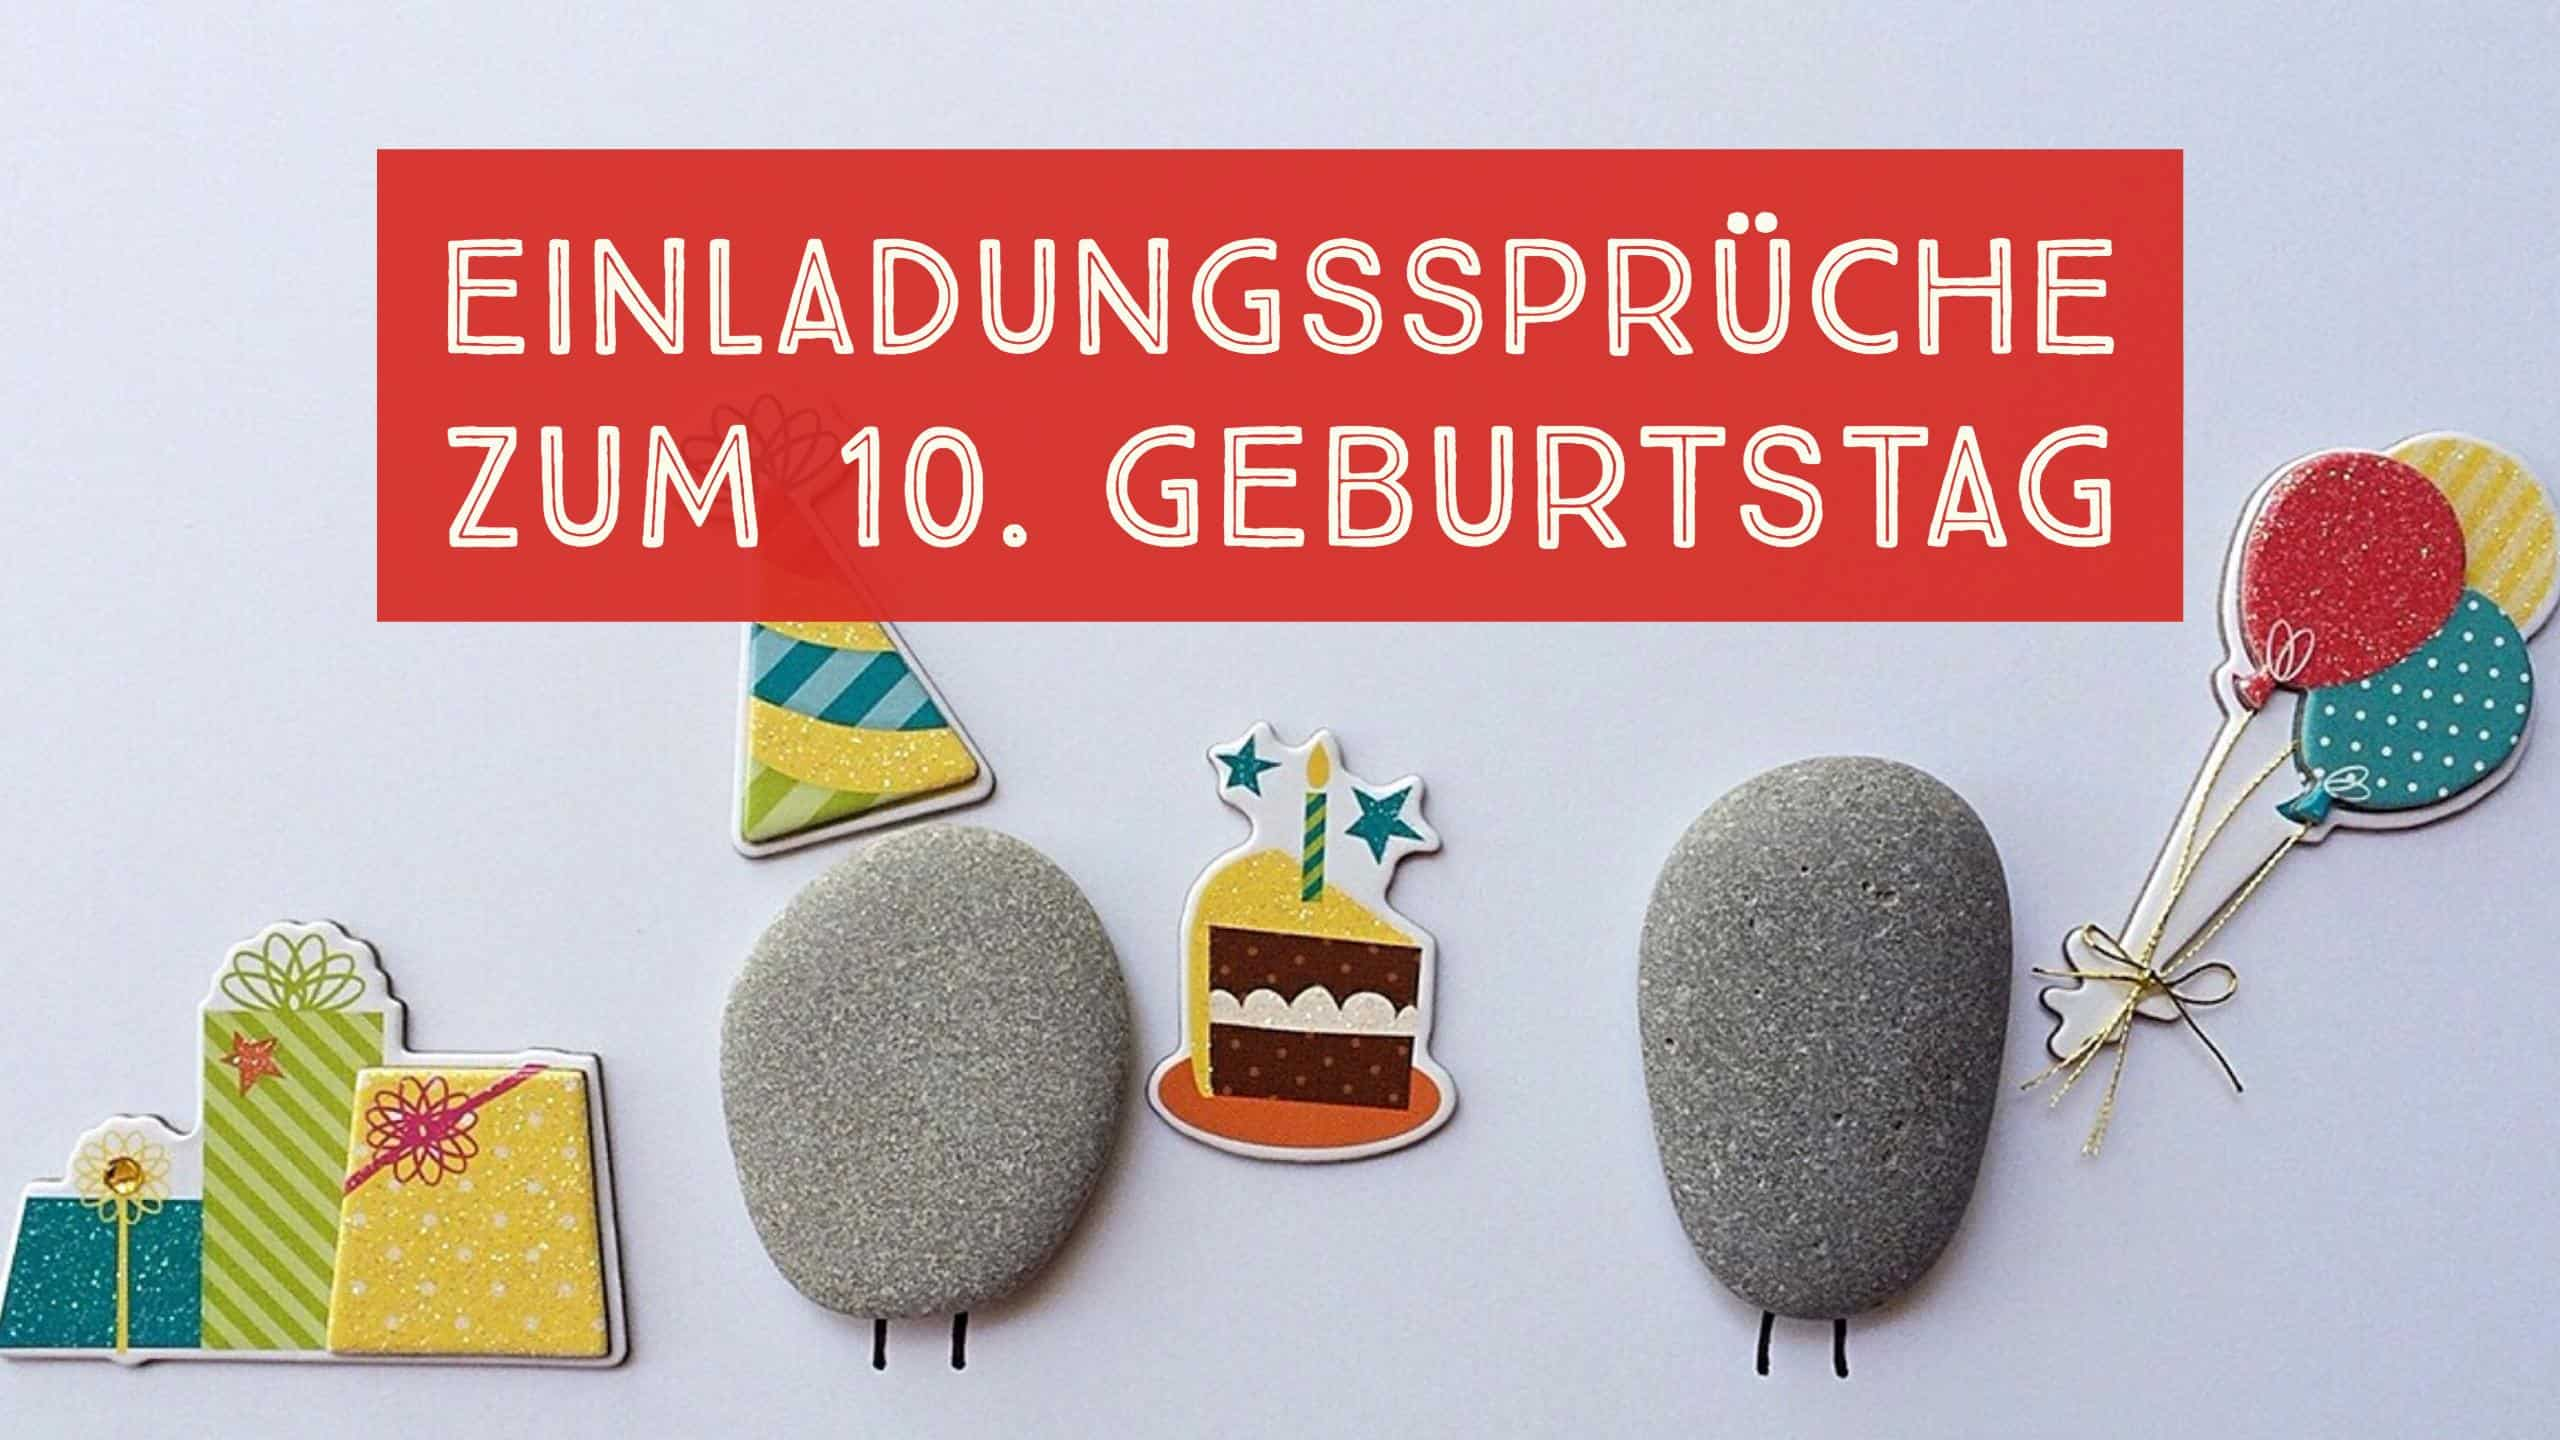 Einladungssprüche Zum 10. Geburtstag